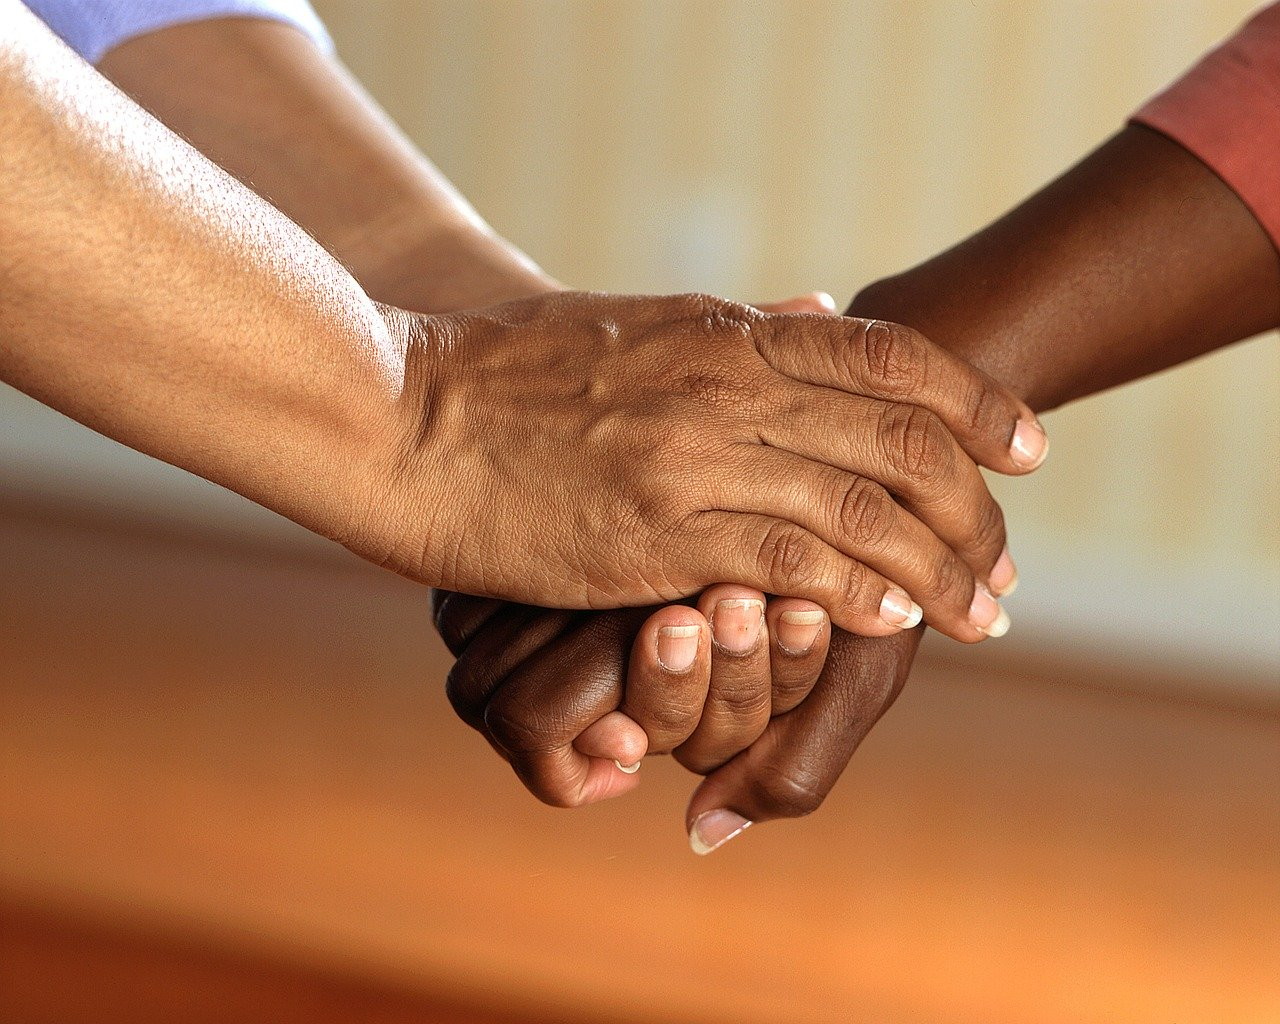 clasped hands, comfort, hands